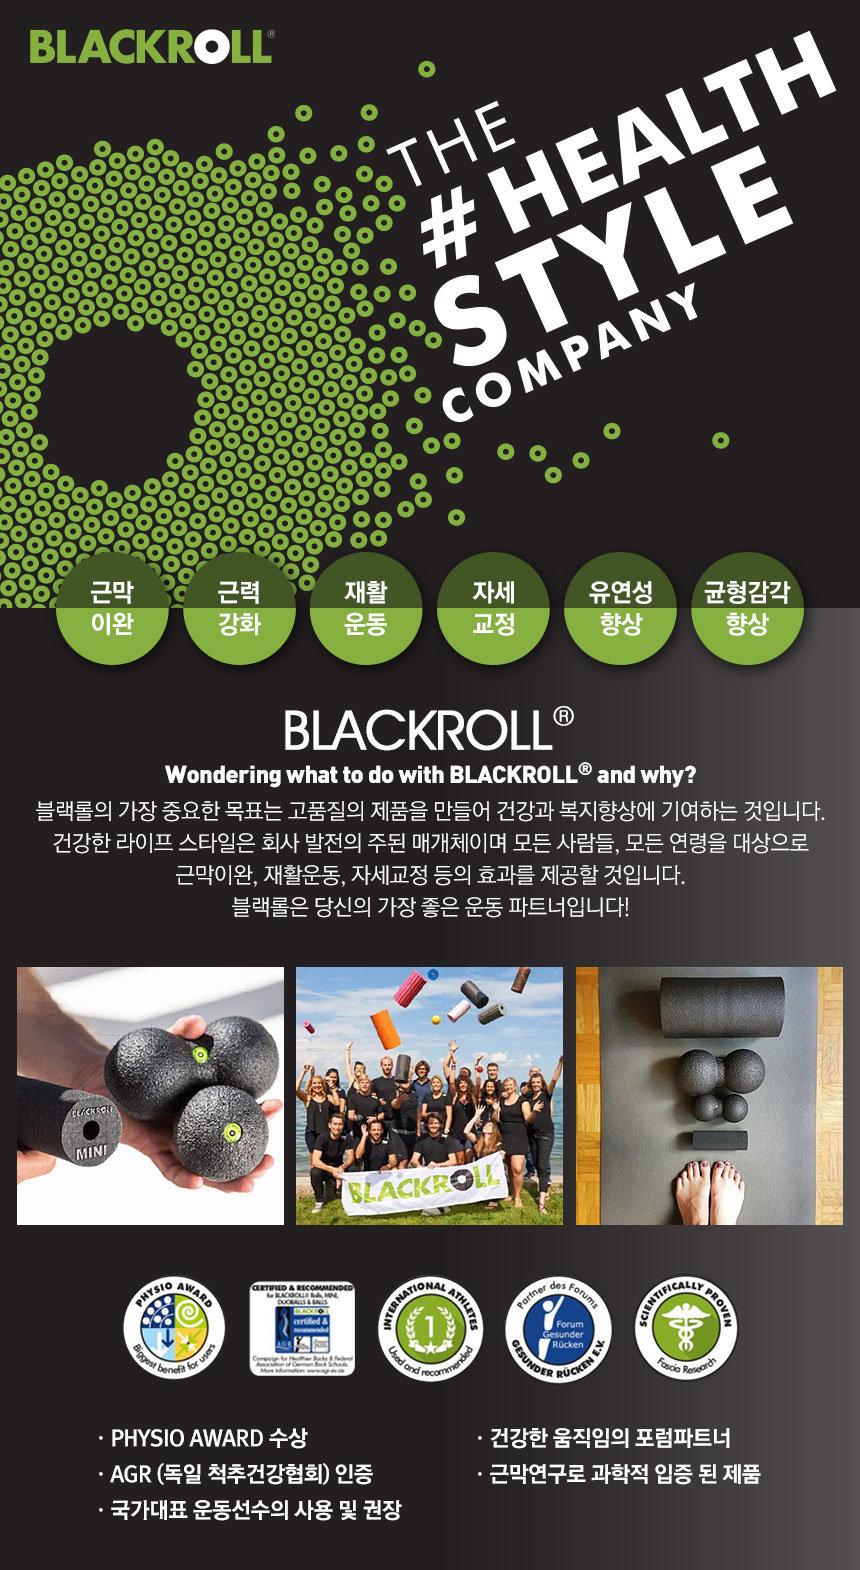 blackroll_intro.jpg